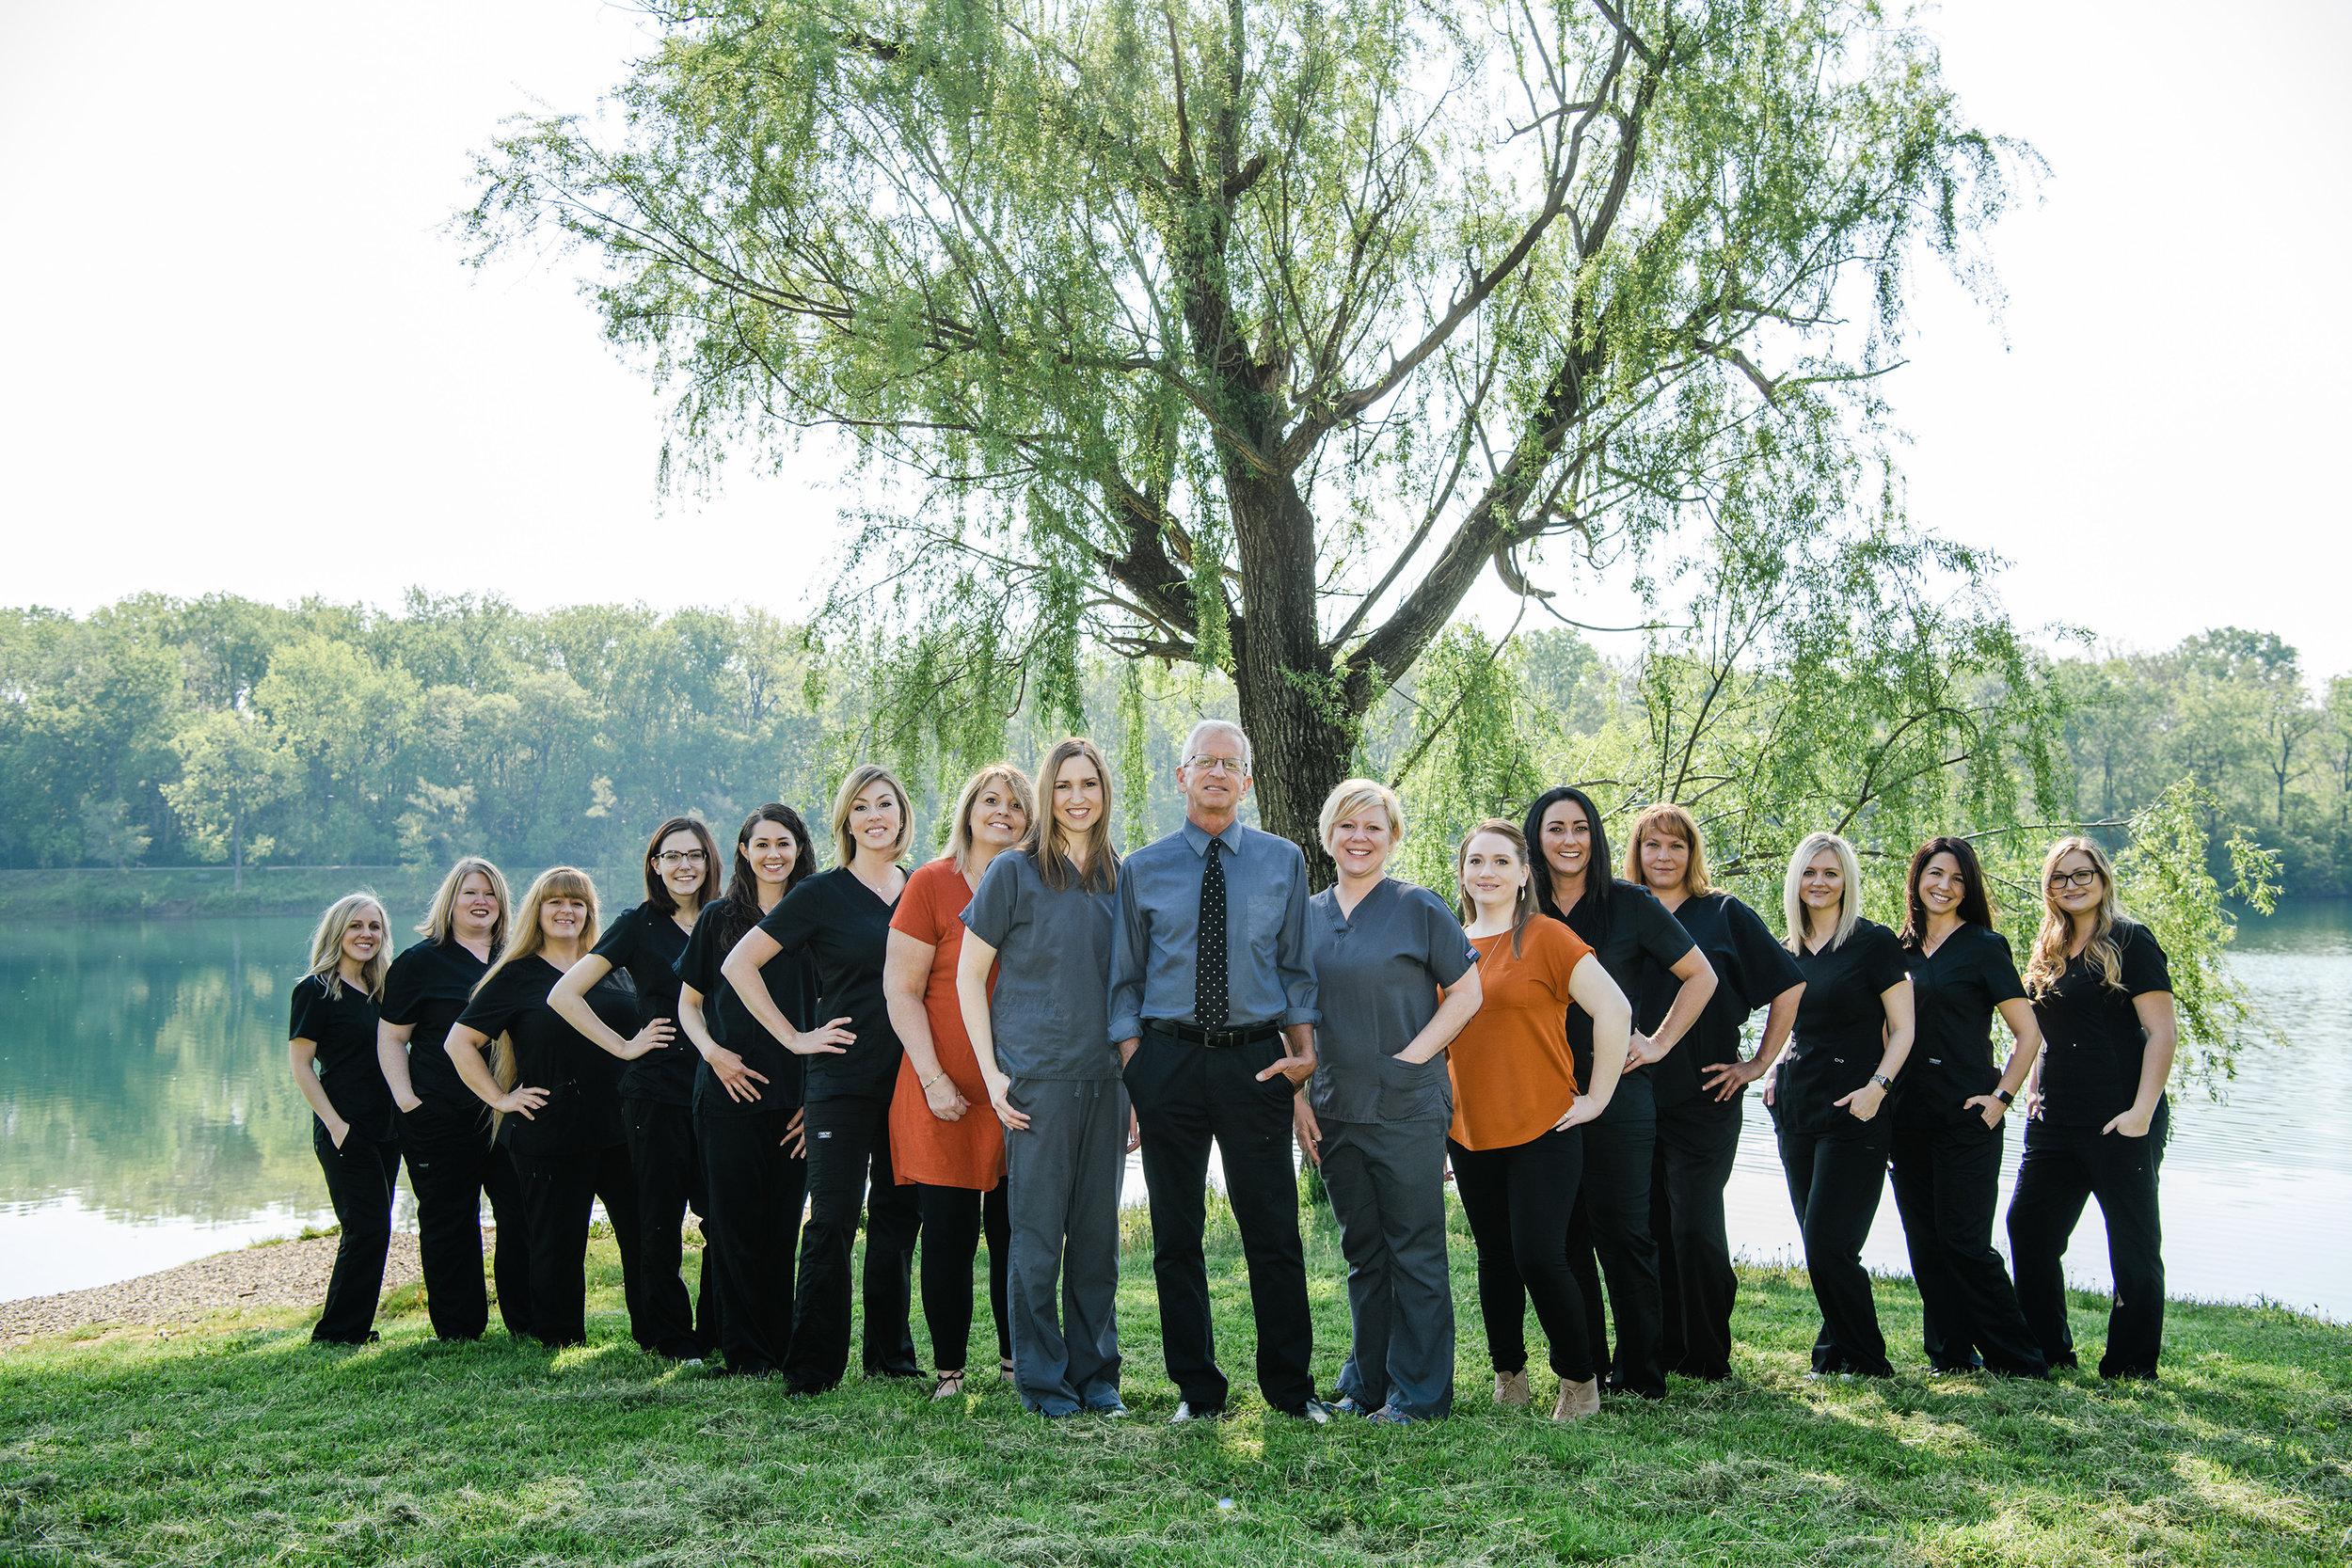 C190516-Linworth-Family-Dental-017.jpg